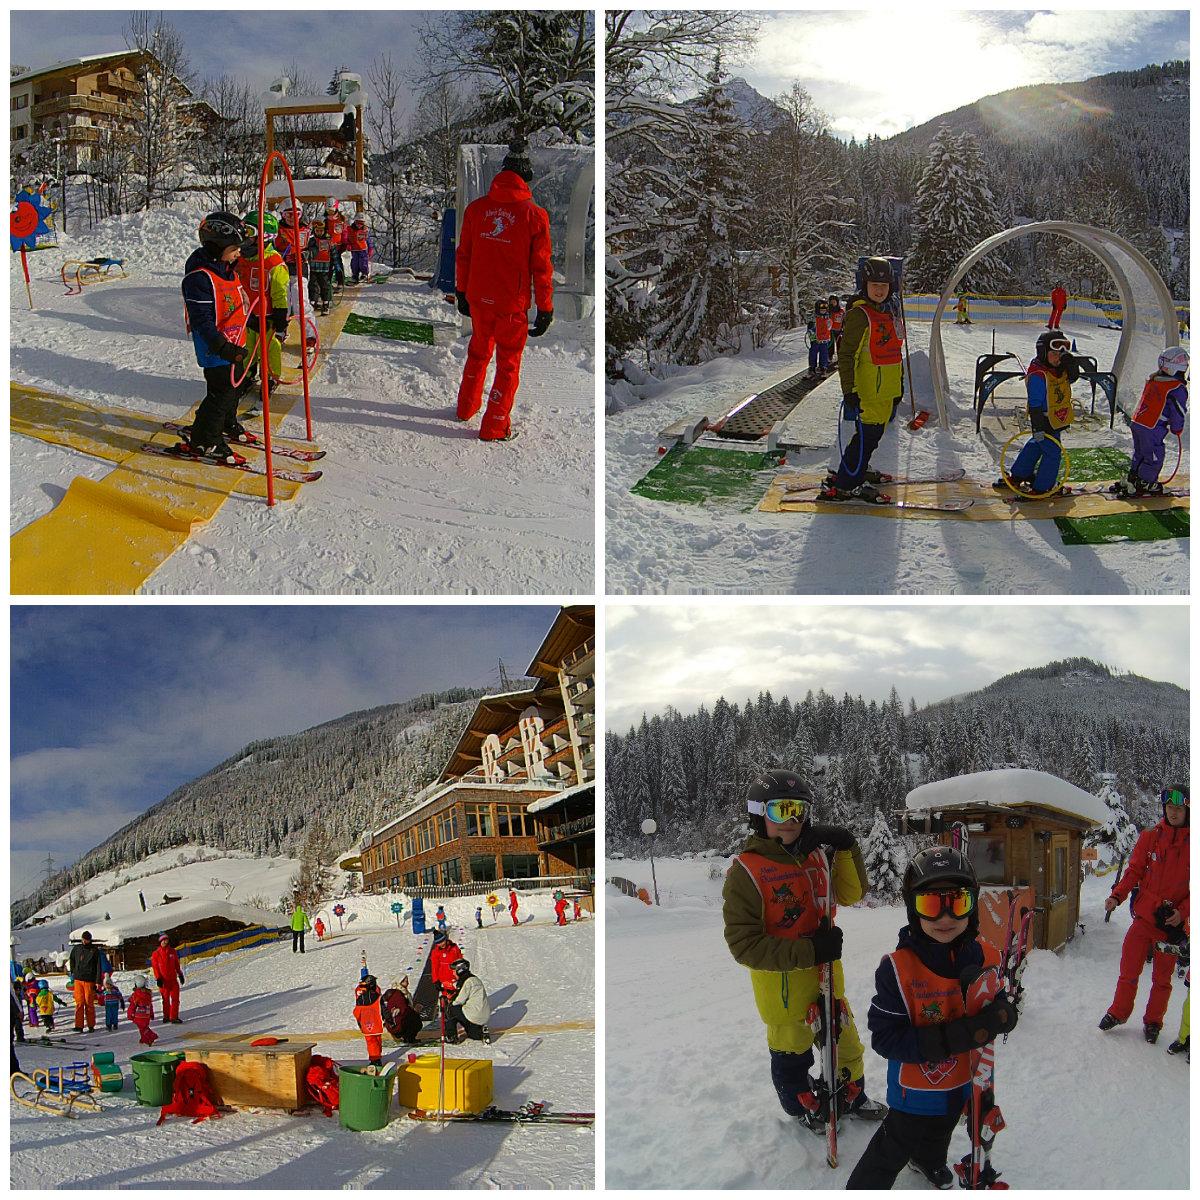 kurs narciarski dla dzieci alpy austria opinie narty tyrol